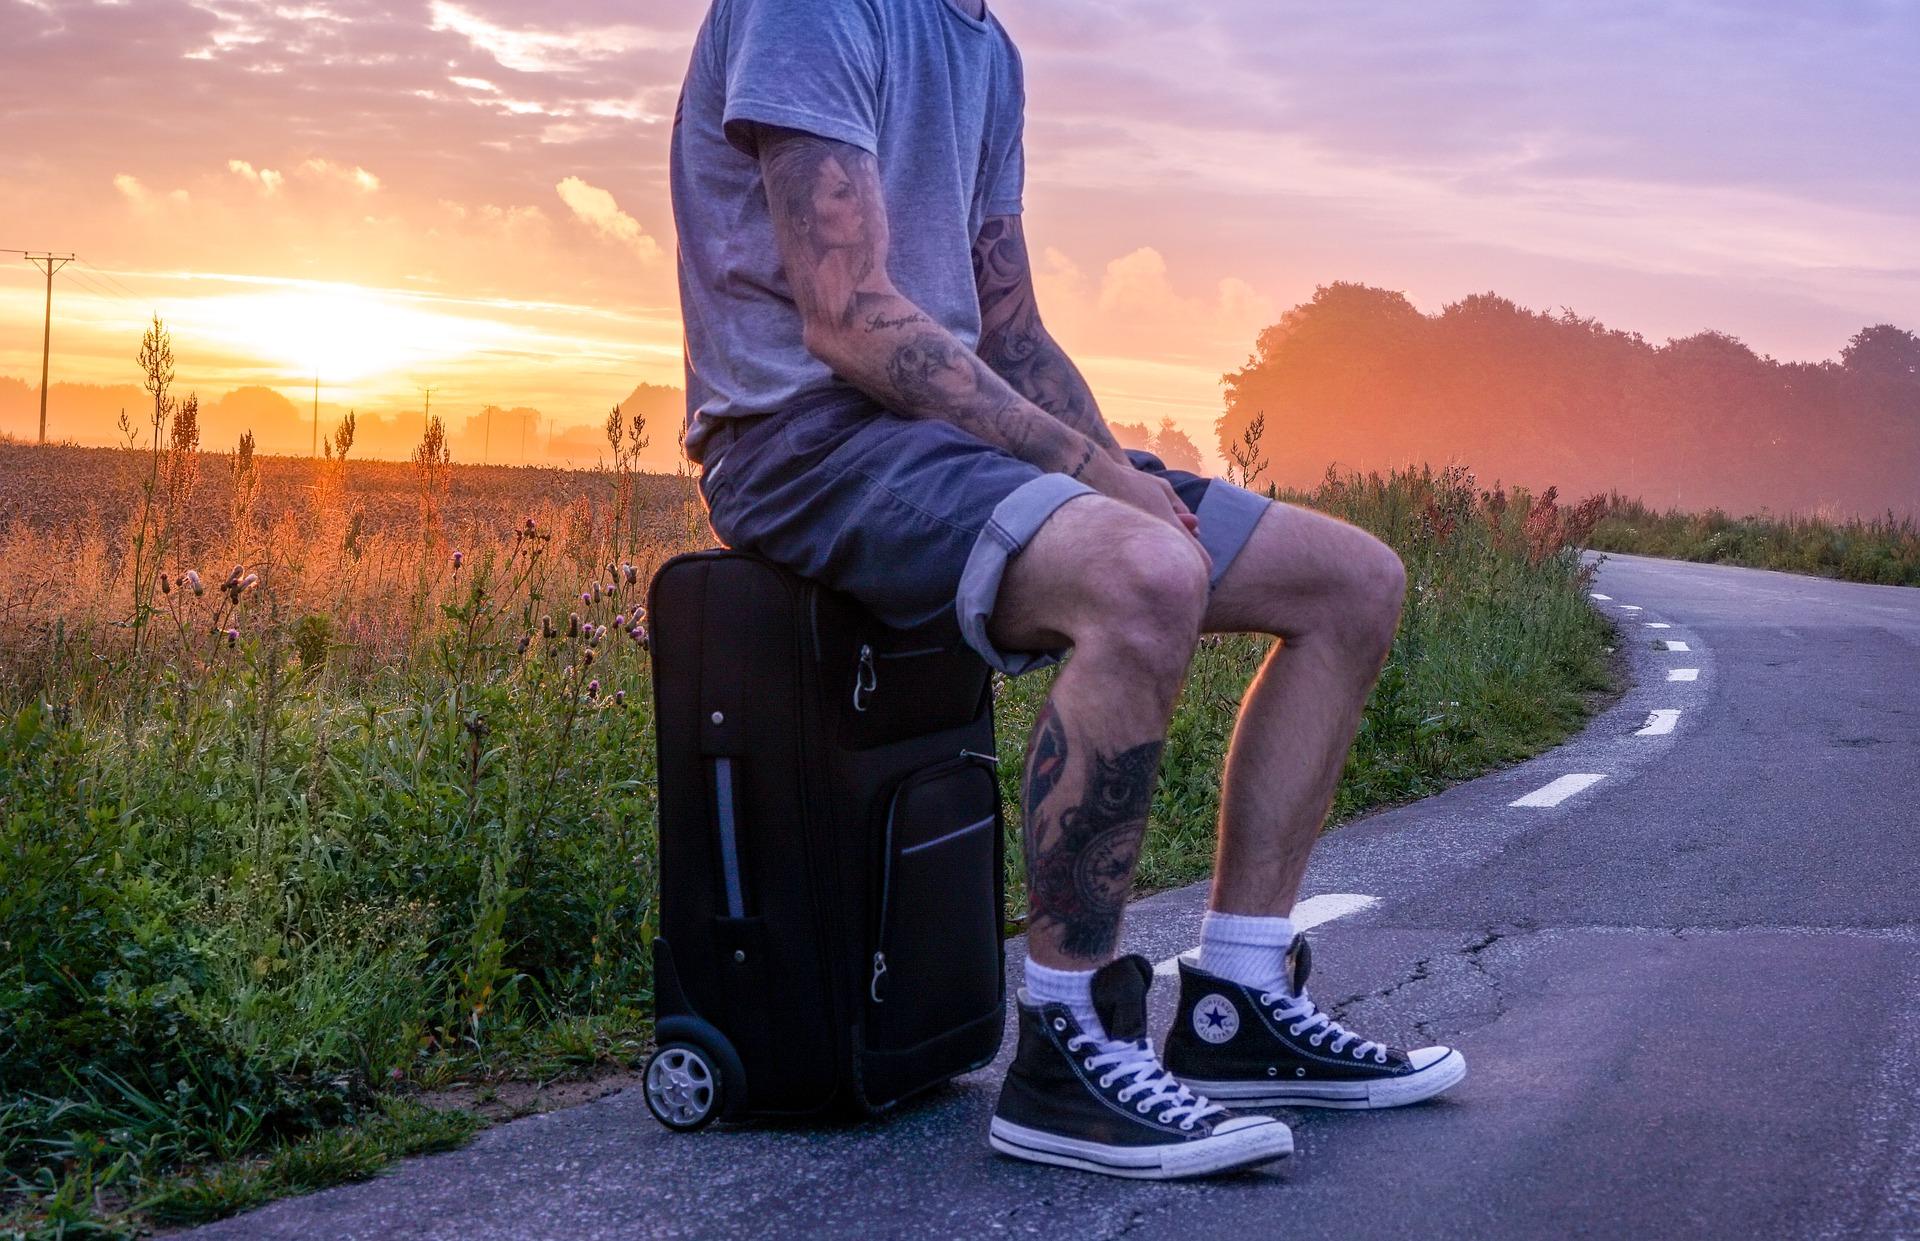 packr-valise-geektouristique.Fr